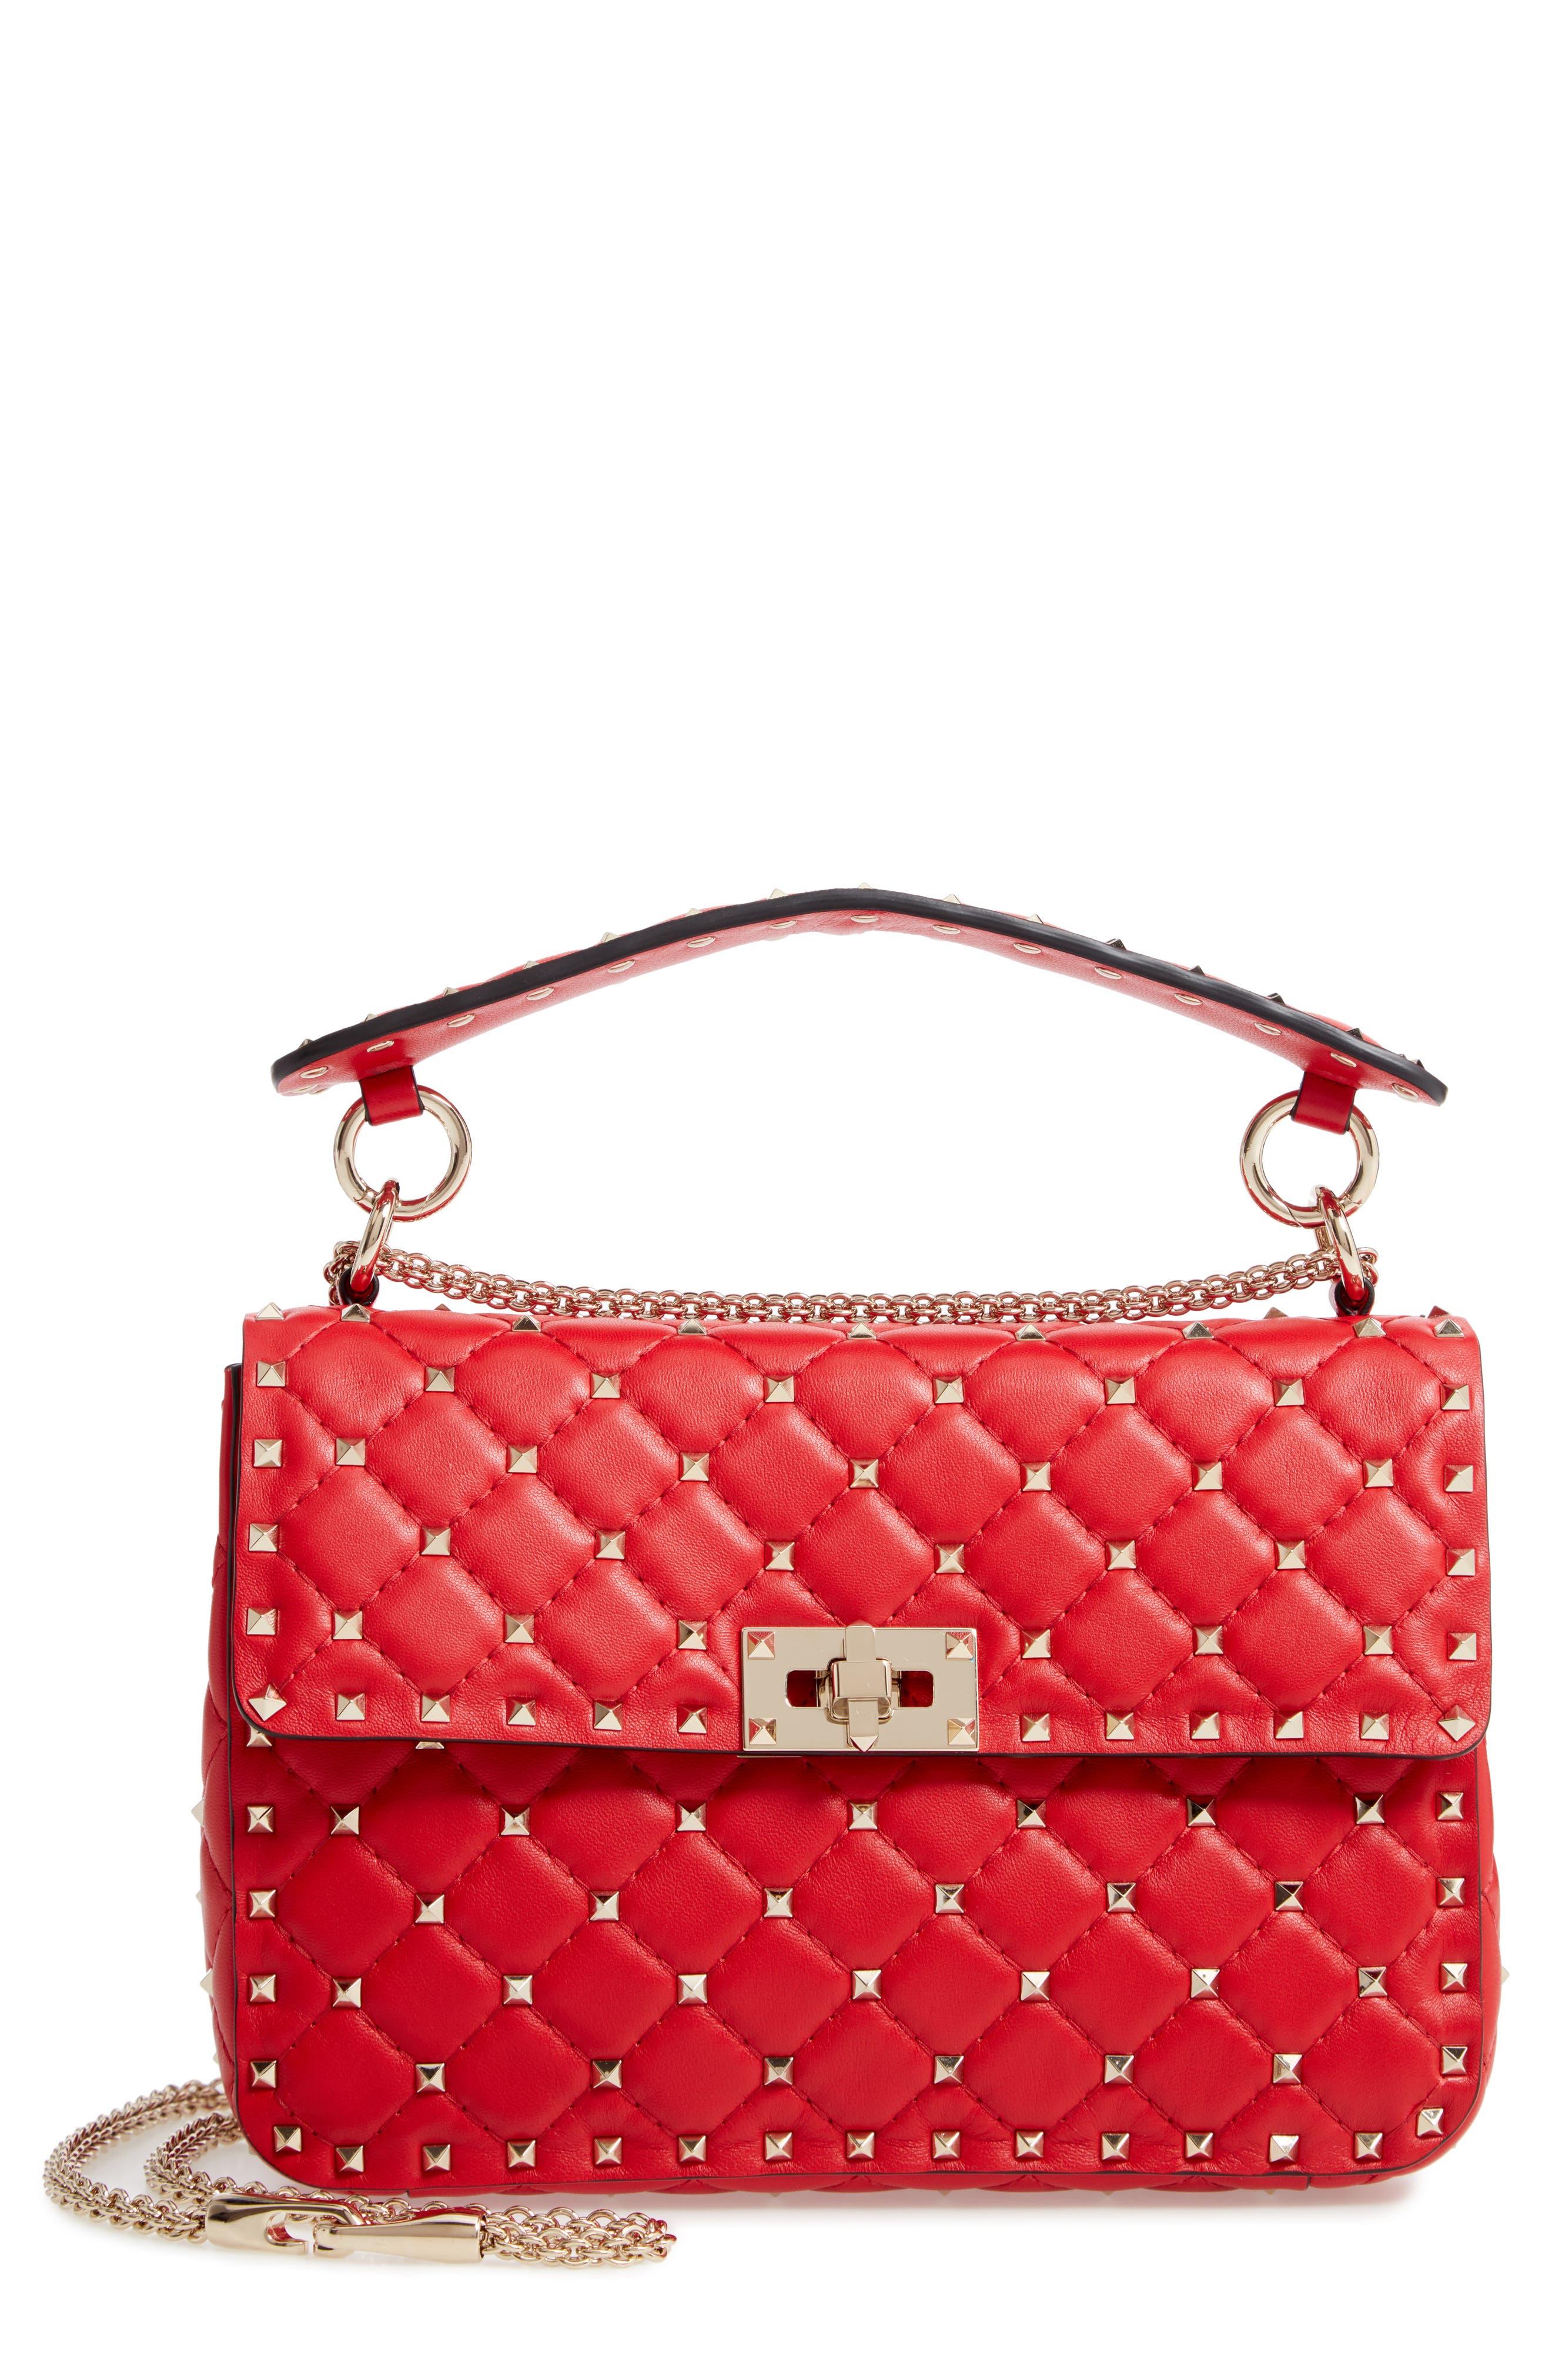 Valentino Garavani Medium Rockstud Matelassé Quilted Leather Shoulder Bag | Nordstrom